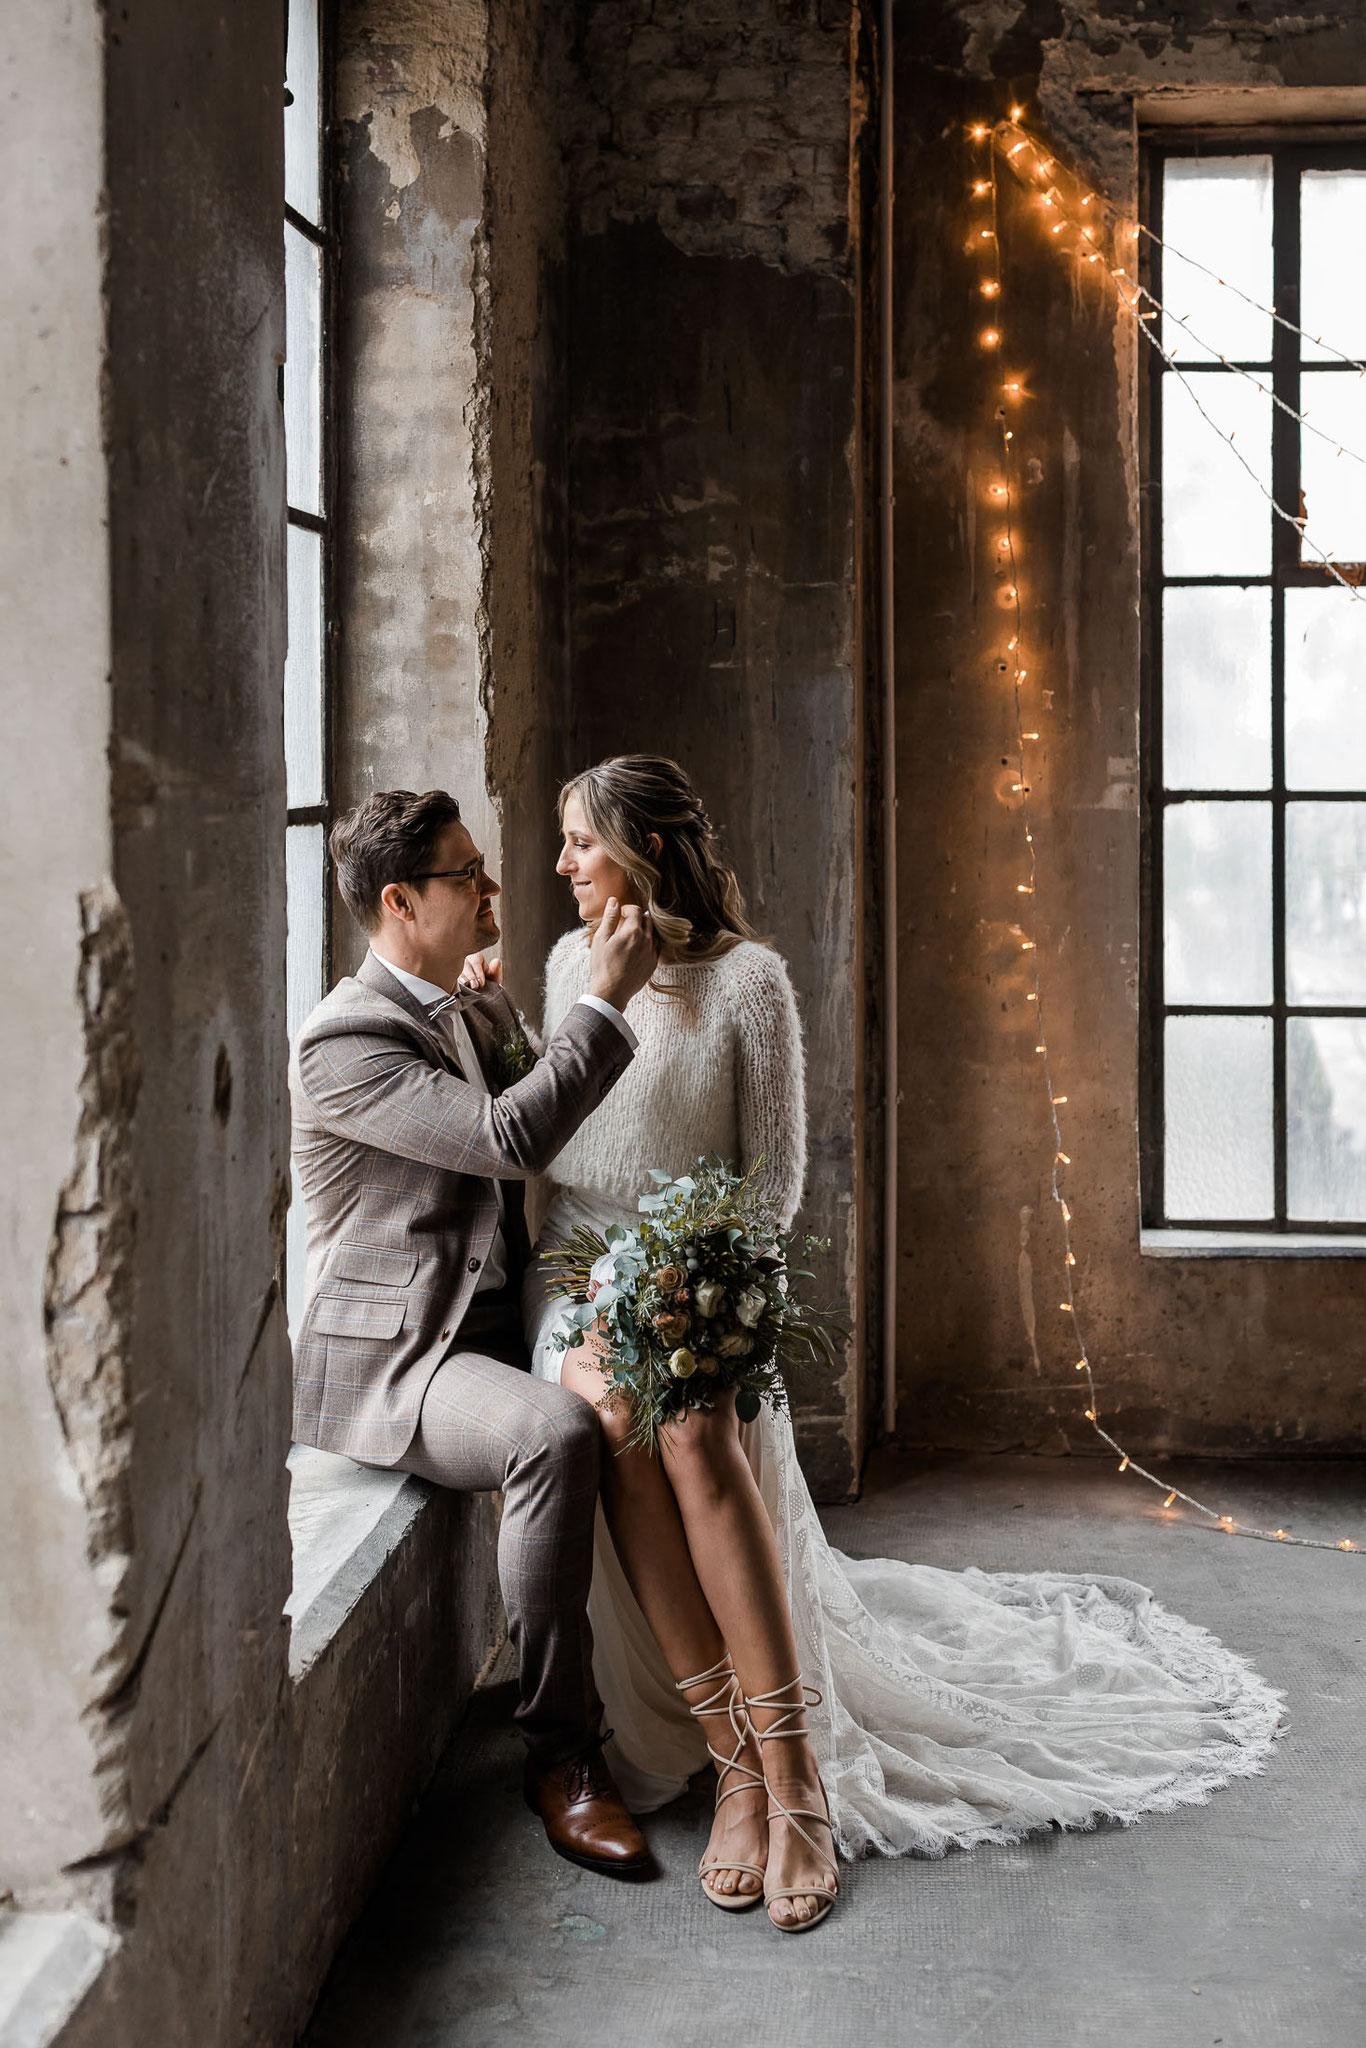 Winterhochzeit Zeche Fürst Leopold Dorsten Lena Manteuffel Hochzeitsfotografin